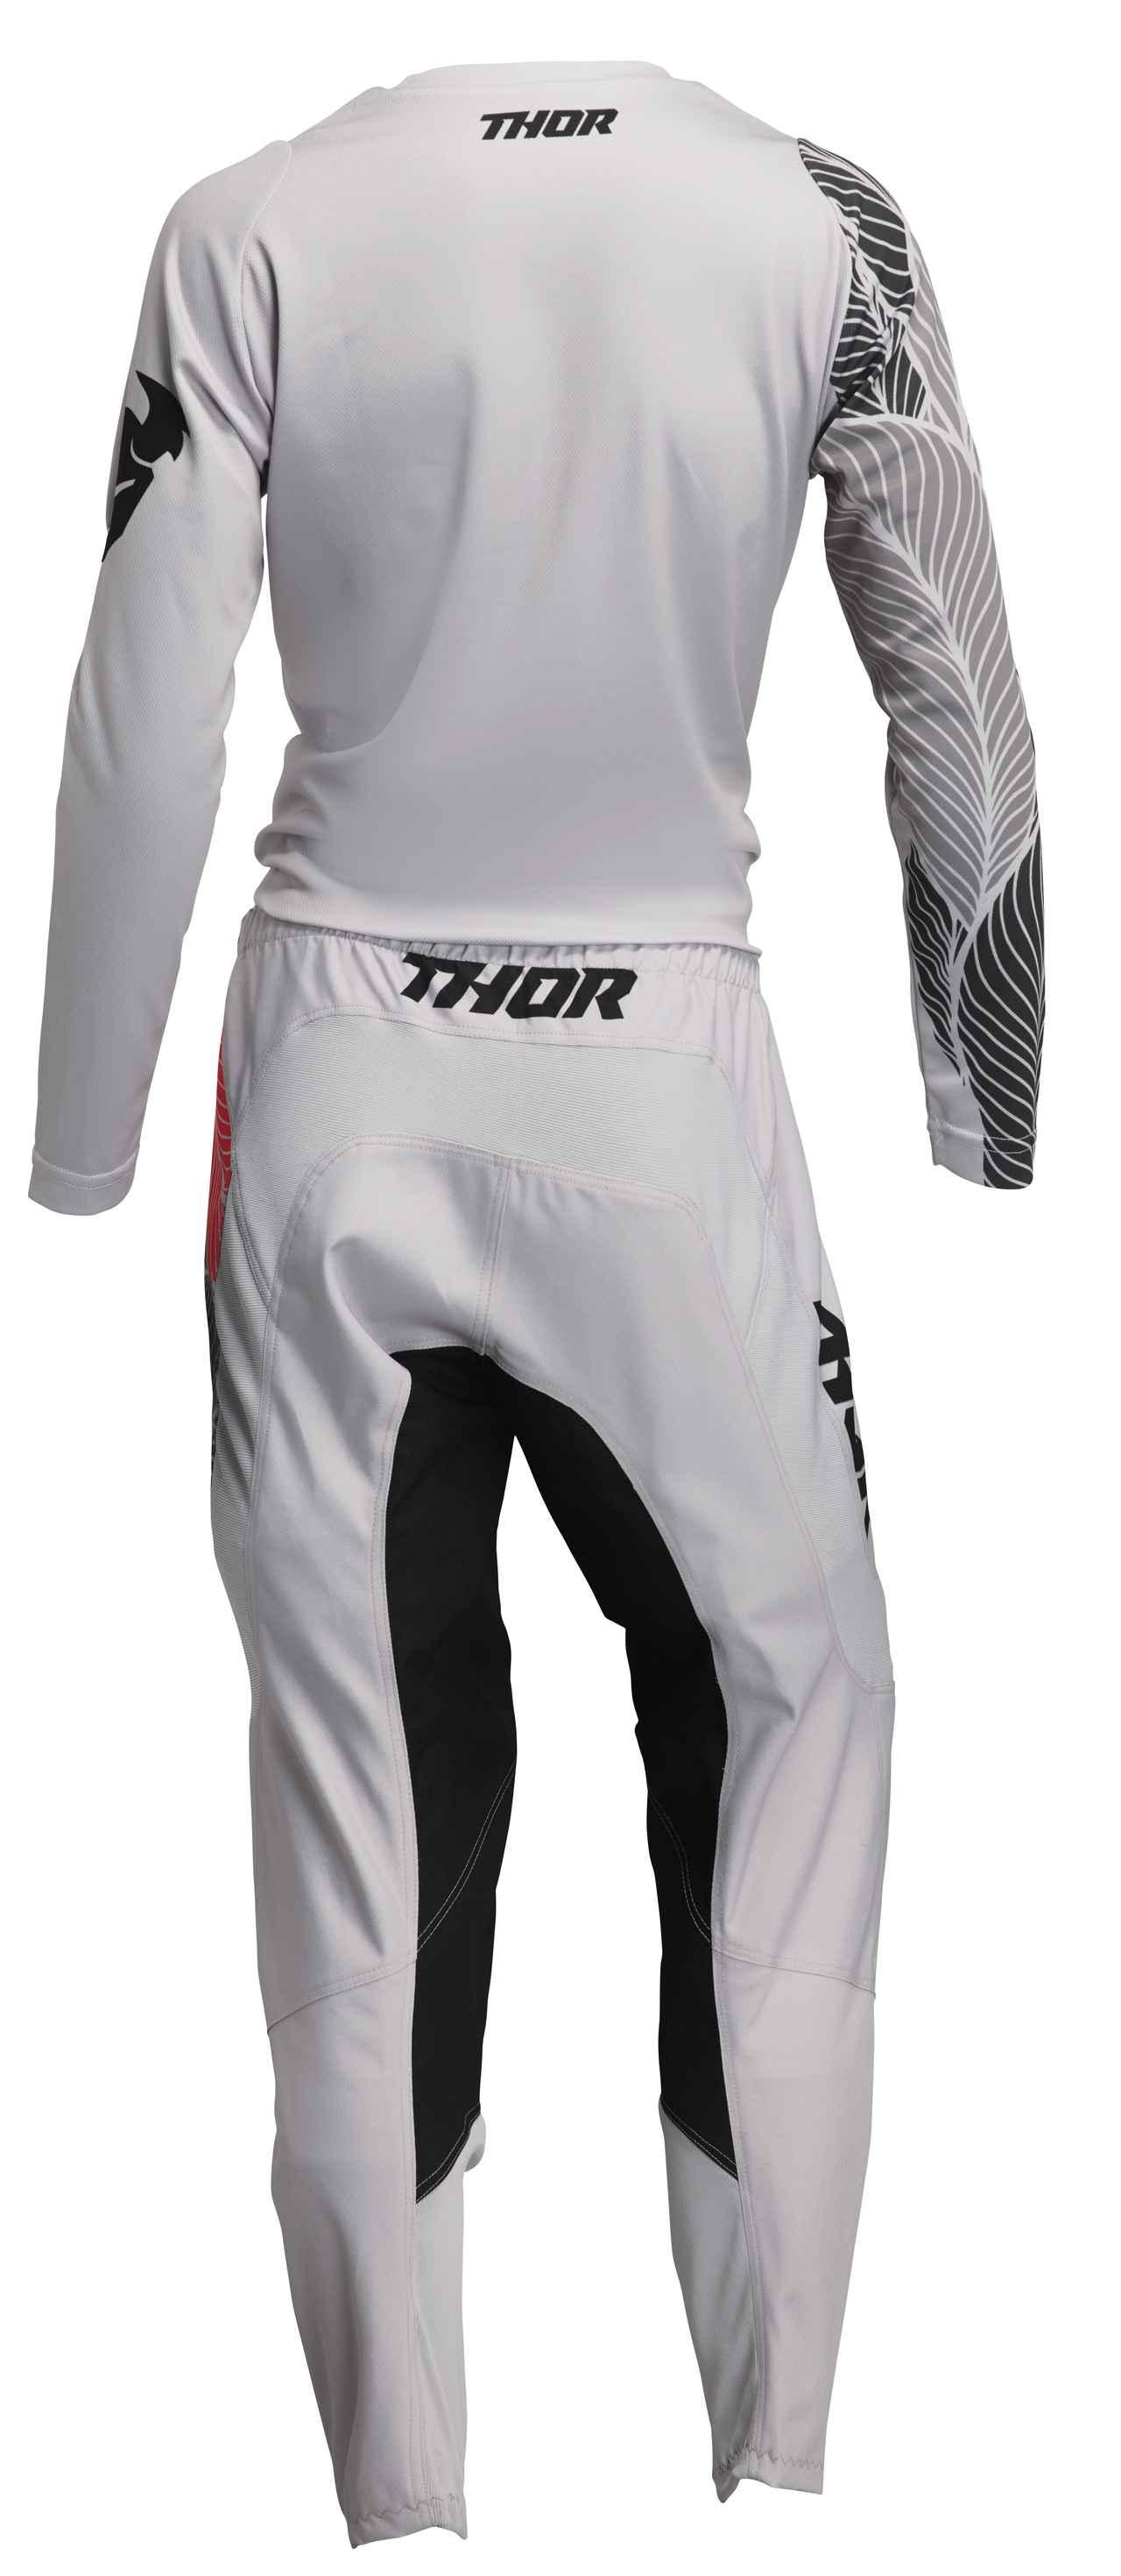 画像9: 「THOR」の2022モデル新作MXウェア SECTORシリーズ公開&販売開始